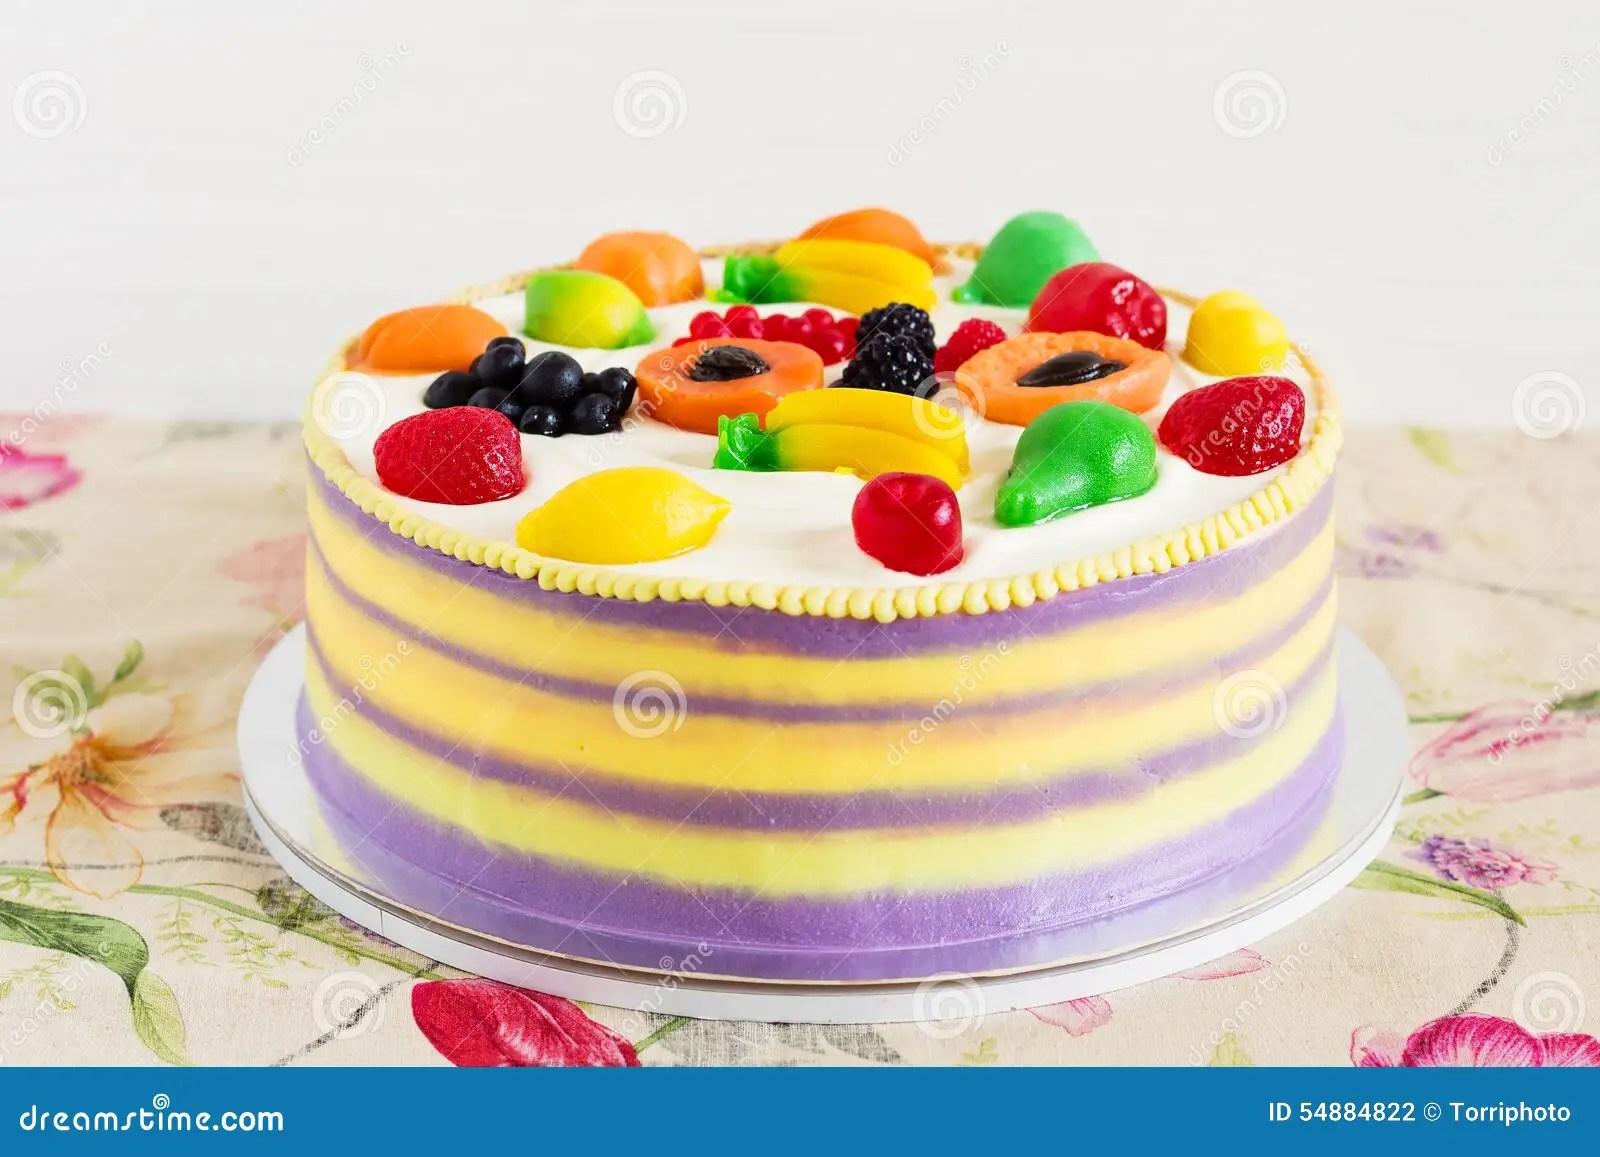 Bunter Kuchen Rezepte Fur Geburtstag Schon Bunte Kuchen Patvinh Me